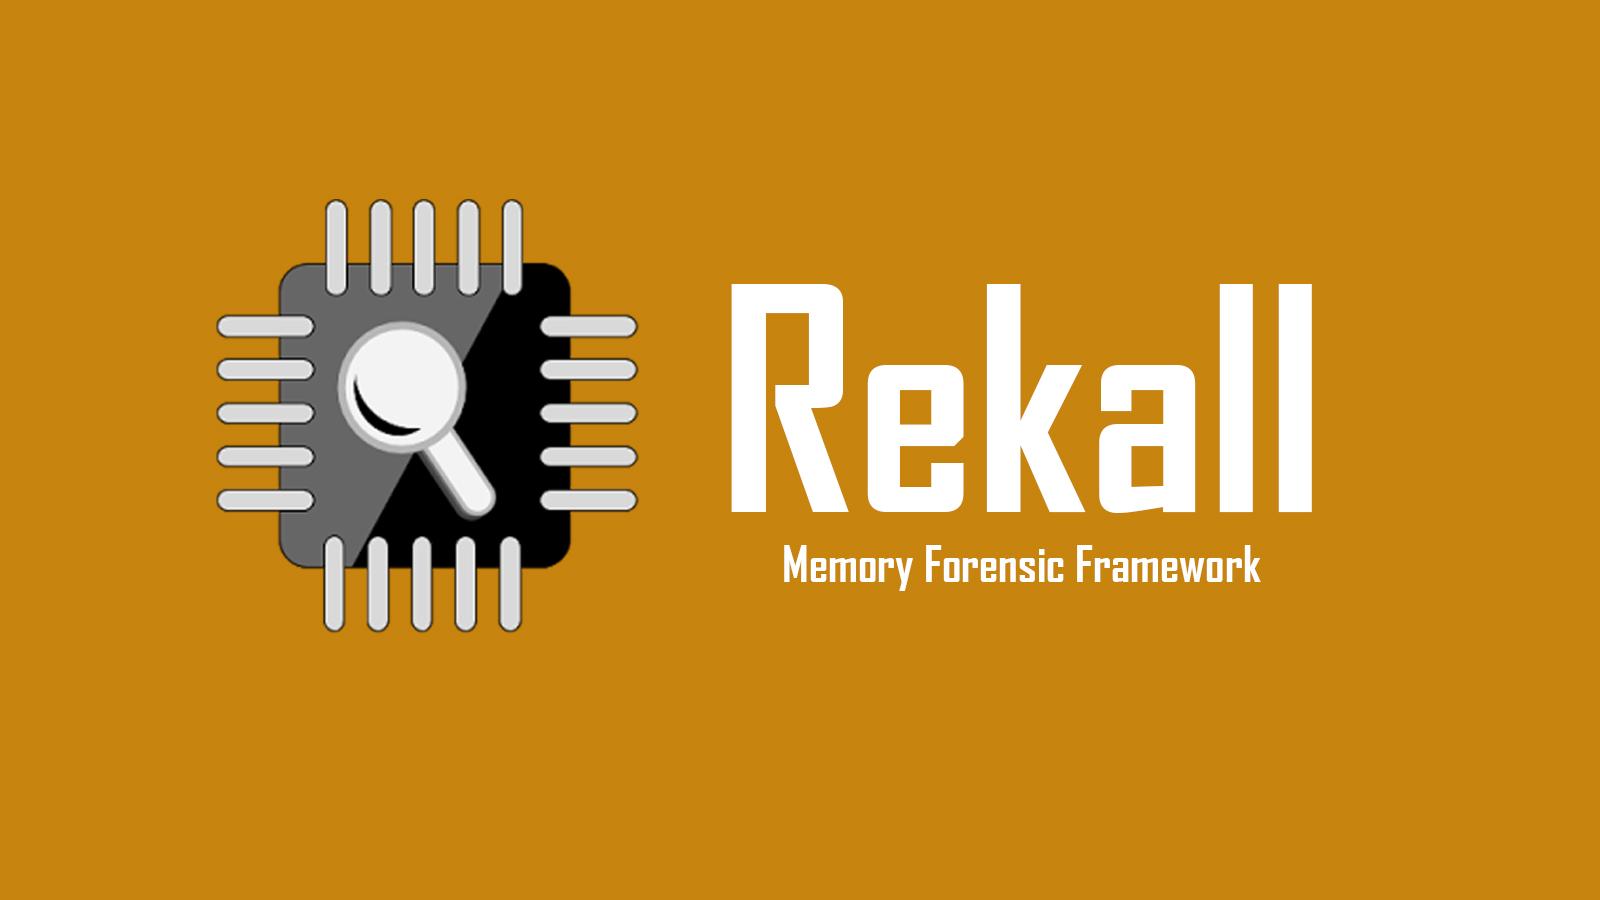 Rekall - Memory Forensic Framework